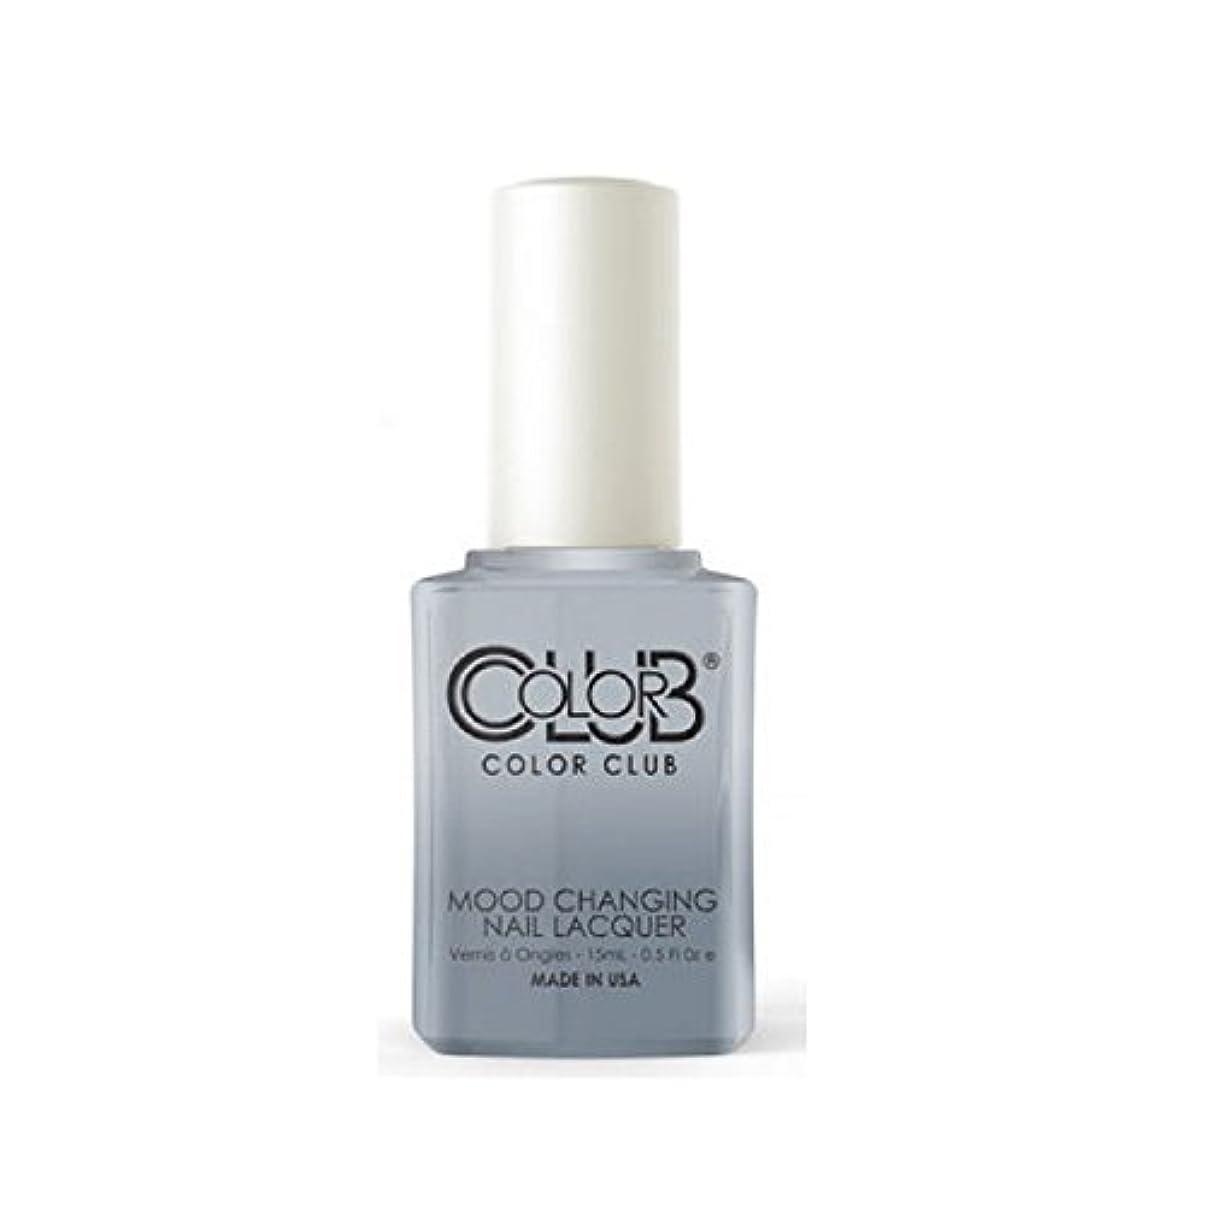 嘆願ゲインセイ暴露Color Club Mood Changing Nail Lacquer - Head in the Clouds - 15 mL / 0.5 fl oz